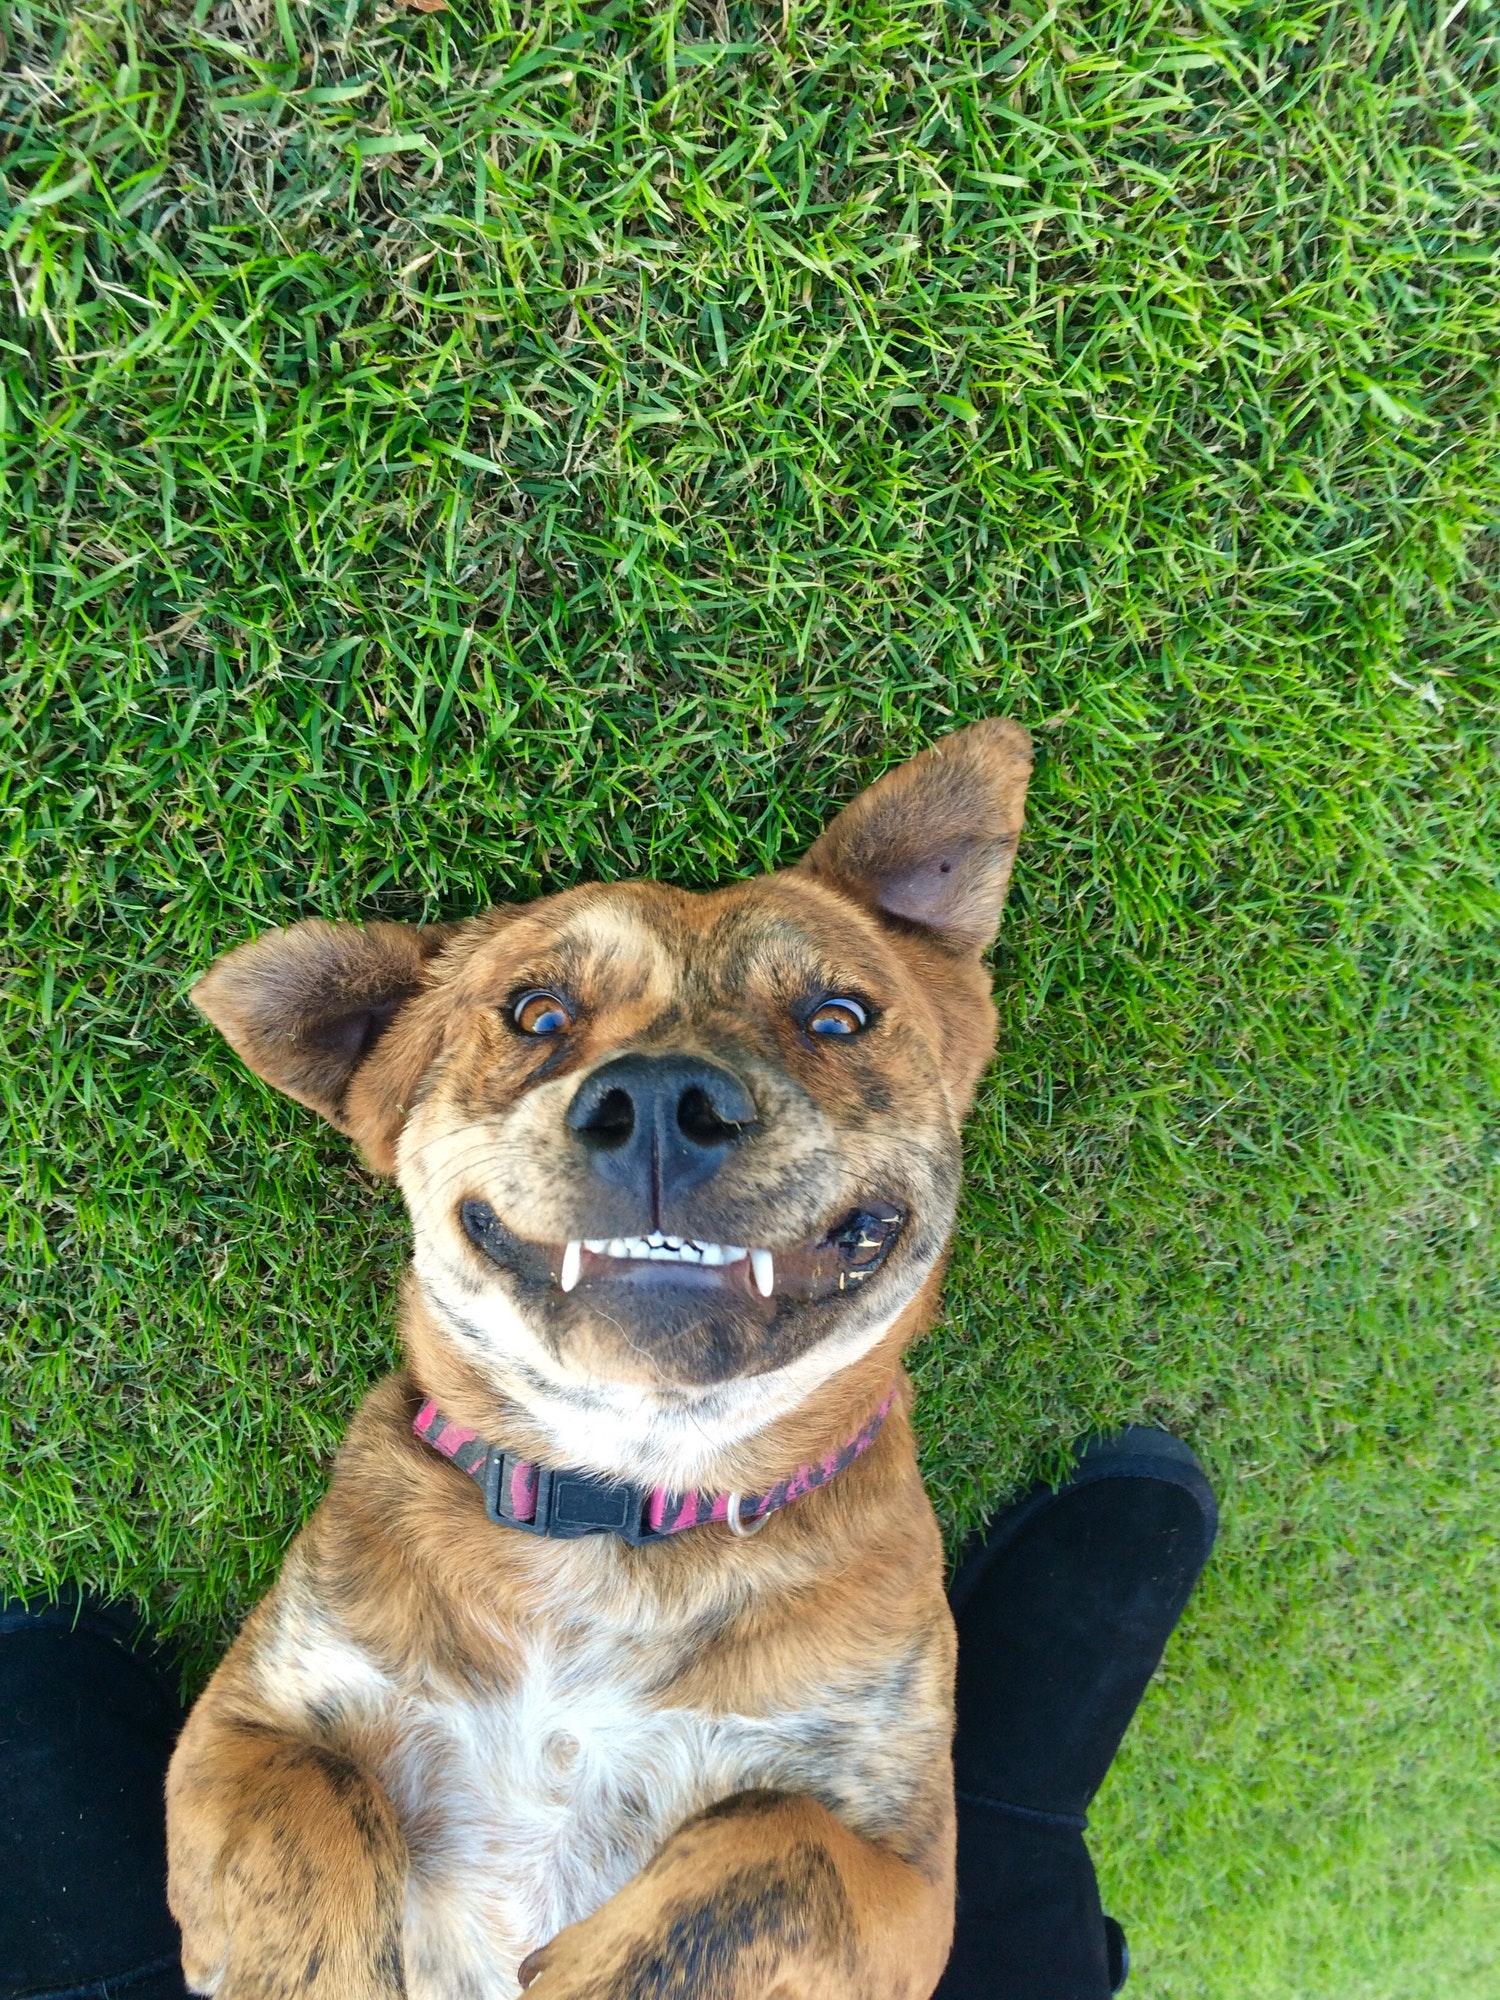 Hundetræning & Hvalpetræning Østerbro - Hunde-Liv's hundetræner Østerbro tilbyder fleksibel hundetræning Østerbro privat og i hold